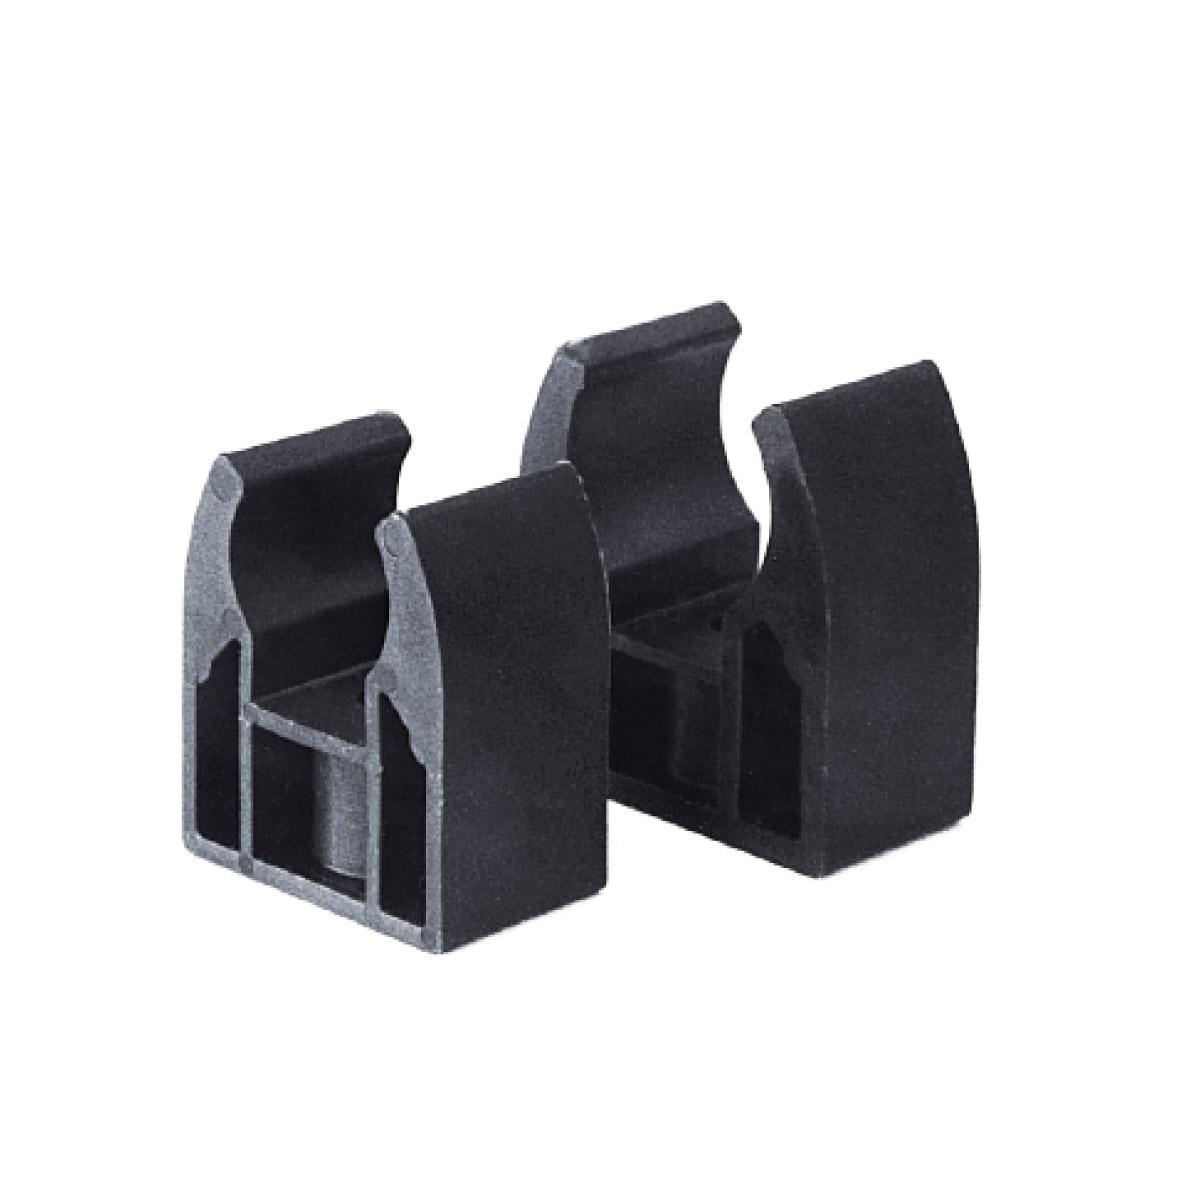 IBG® Rohrklemmen für Kunststoffrohr Type A d16 IBG® Rohrklemmen für Kunststoffrohr Type A d16